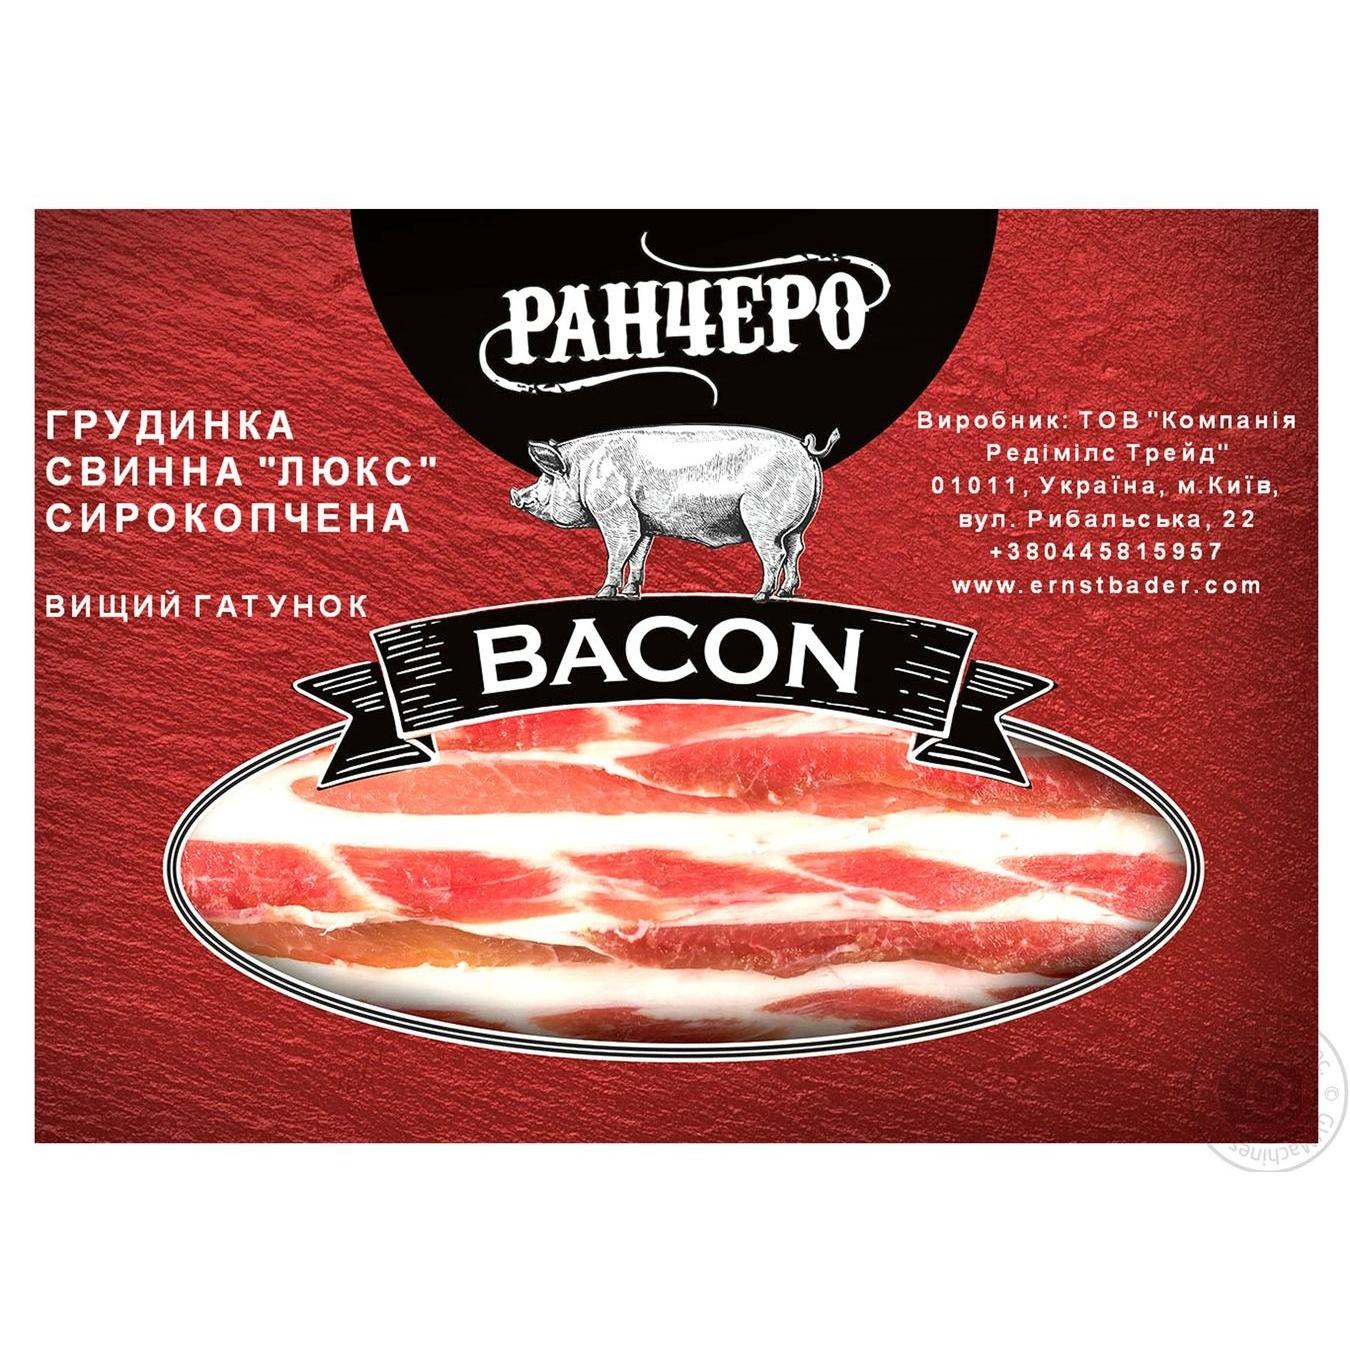 Грудинка Ранчеро свиная сырокопченая 200г